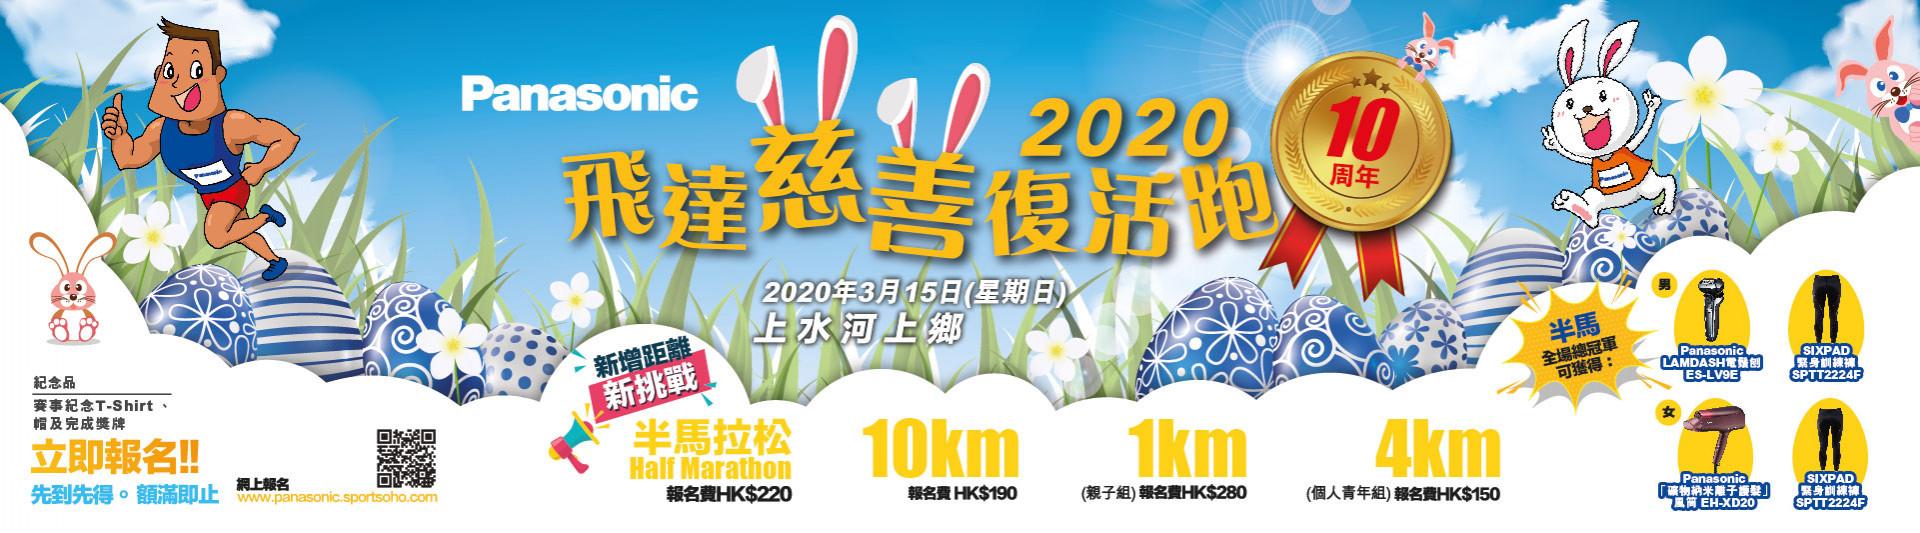 [開放報名!]Panasonic 飛達慈善復活跑 2020